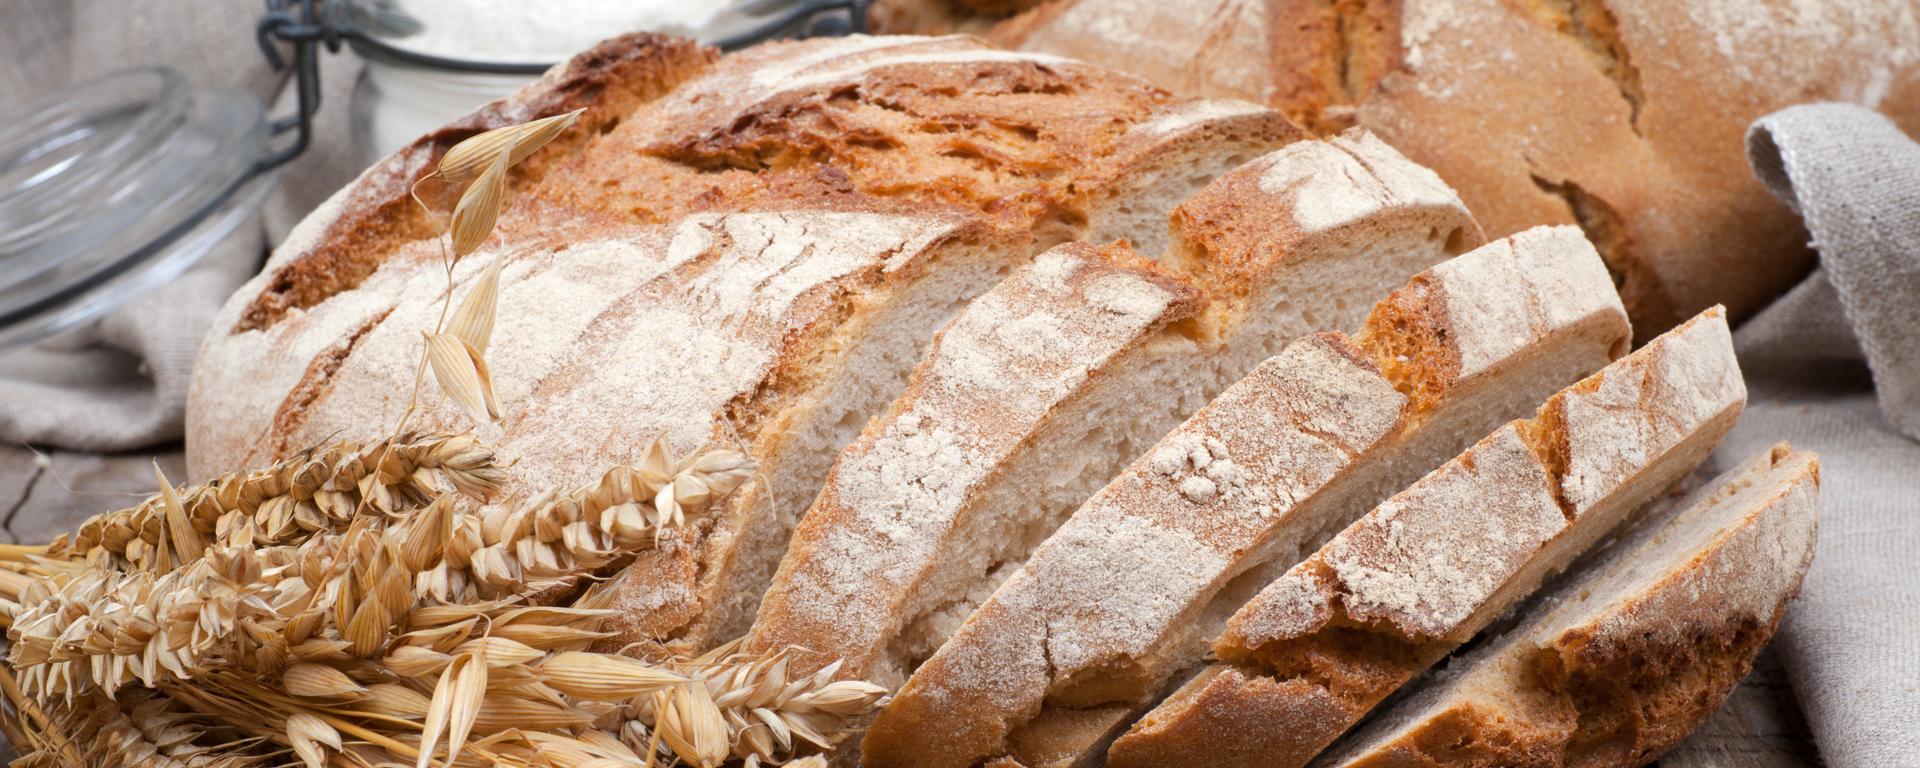 Pão Branco com fermento natural